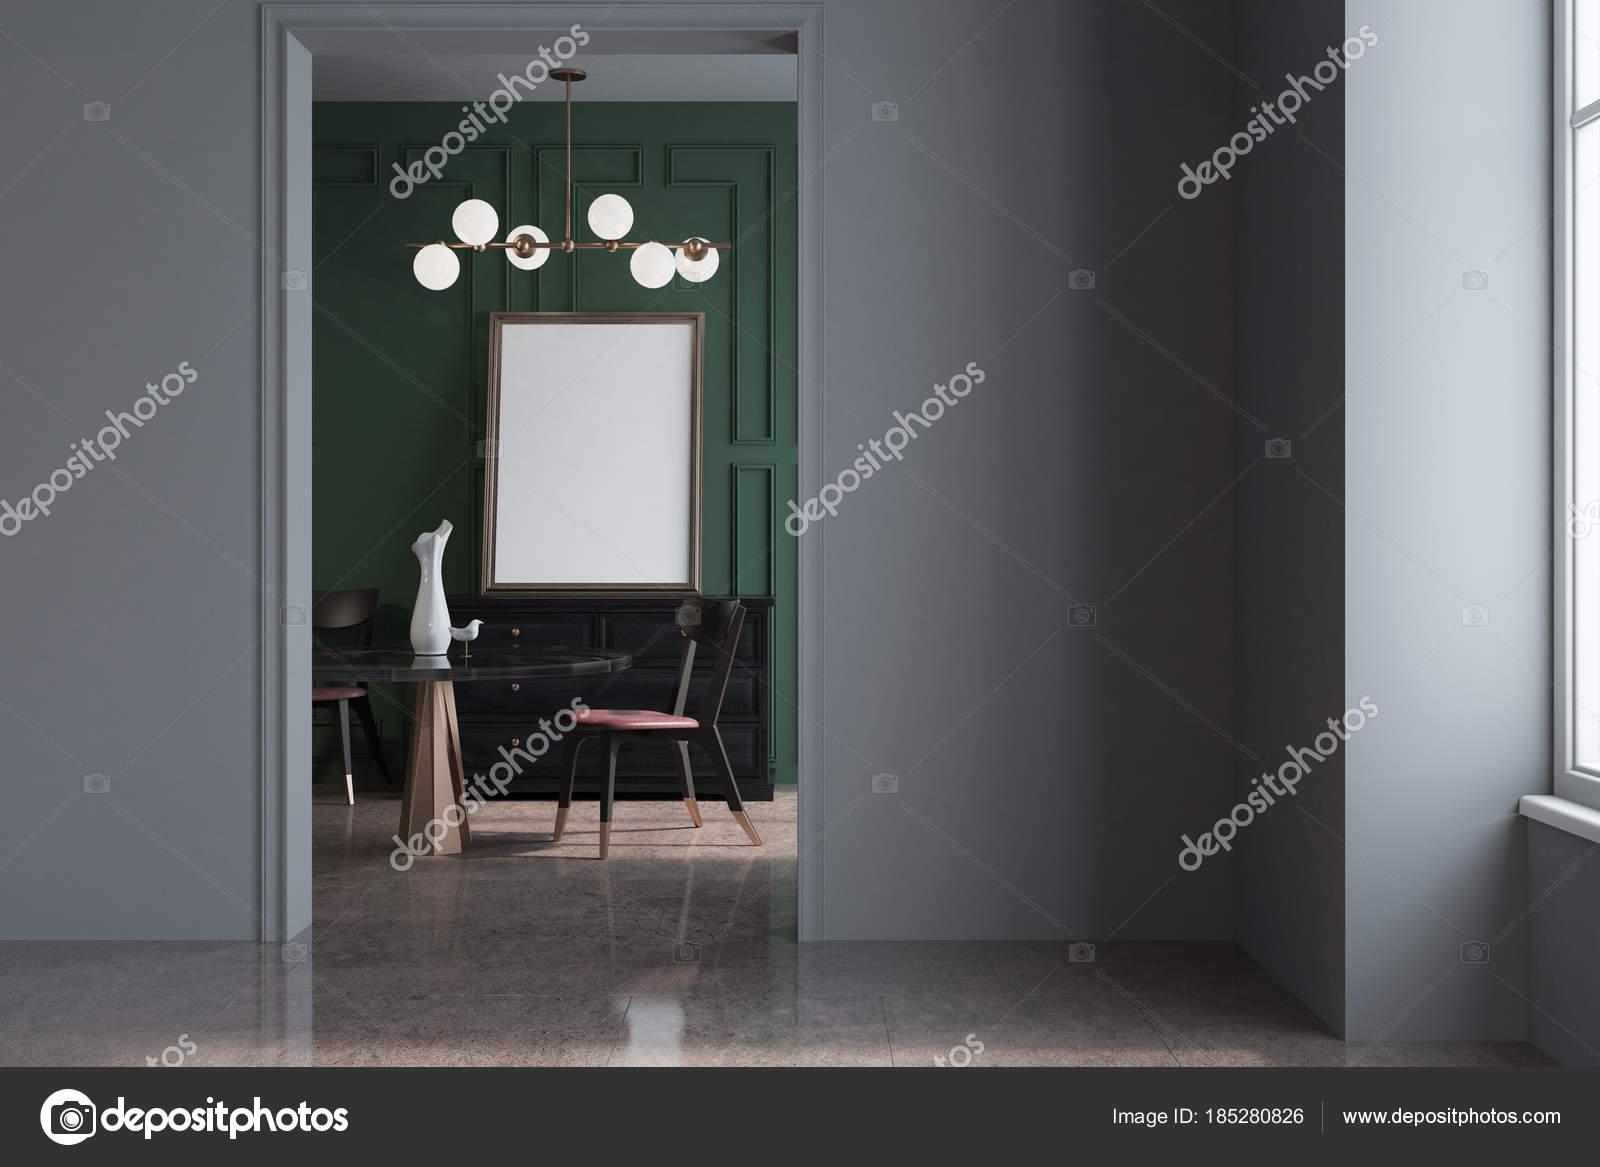 Graue Und Grüne Wohnzimmer Interieur Mit Einem Runden Schwarzen Tisch,  Stühlen Und Einem Schrank Im Hintergrund. Ein Plakat. 3D Rendering Mock Up  U2014 Foto Von ...